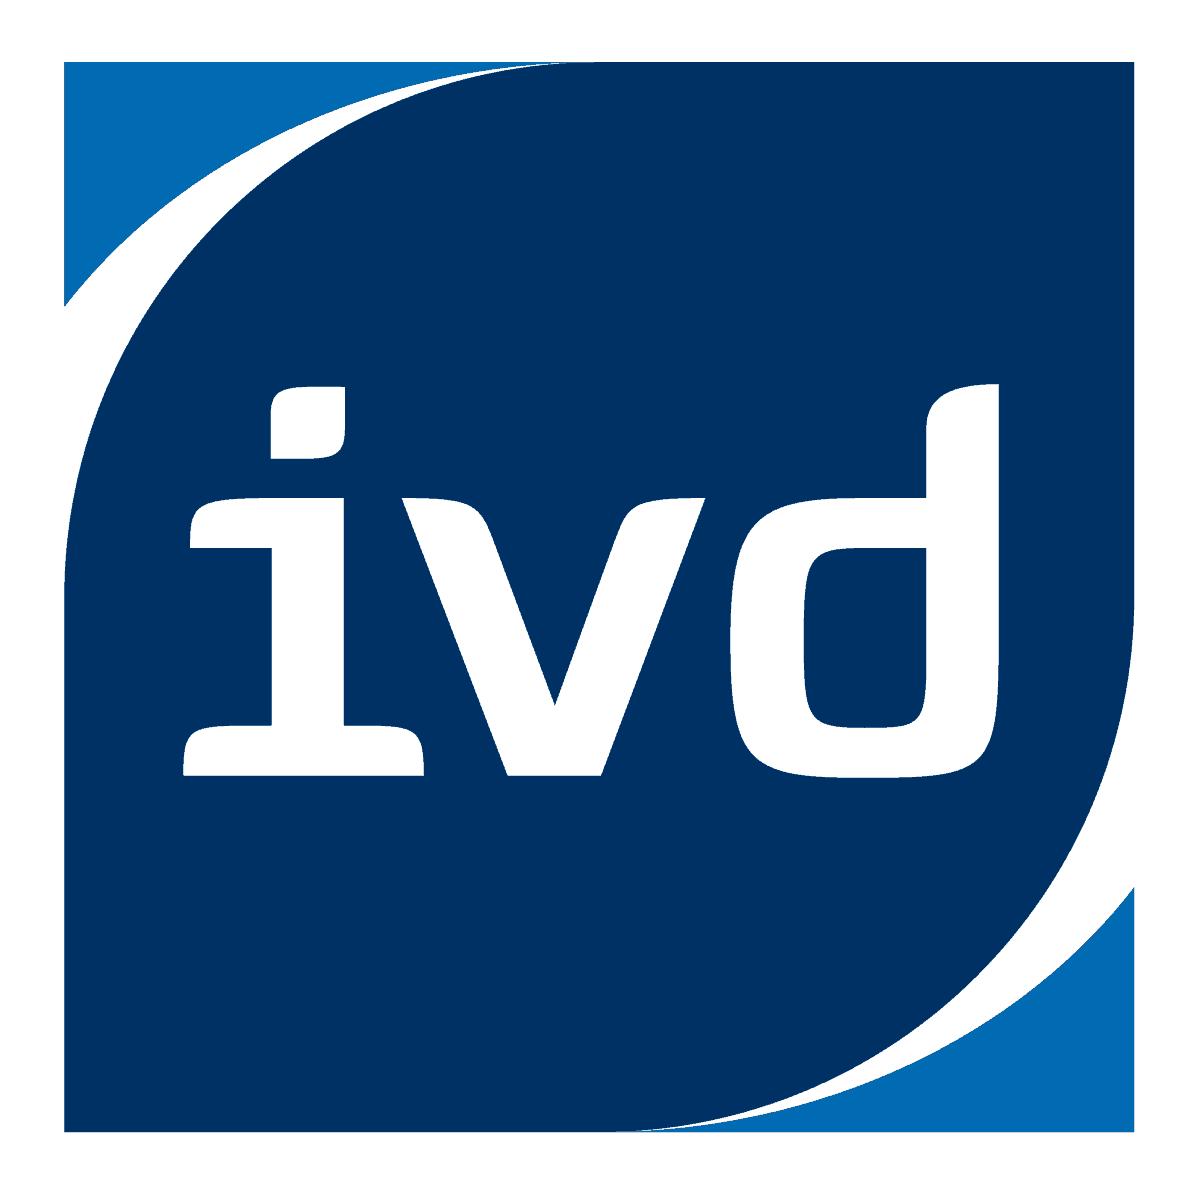 Mitglied im deutschen Immobilienverband ivd